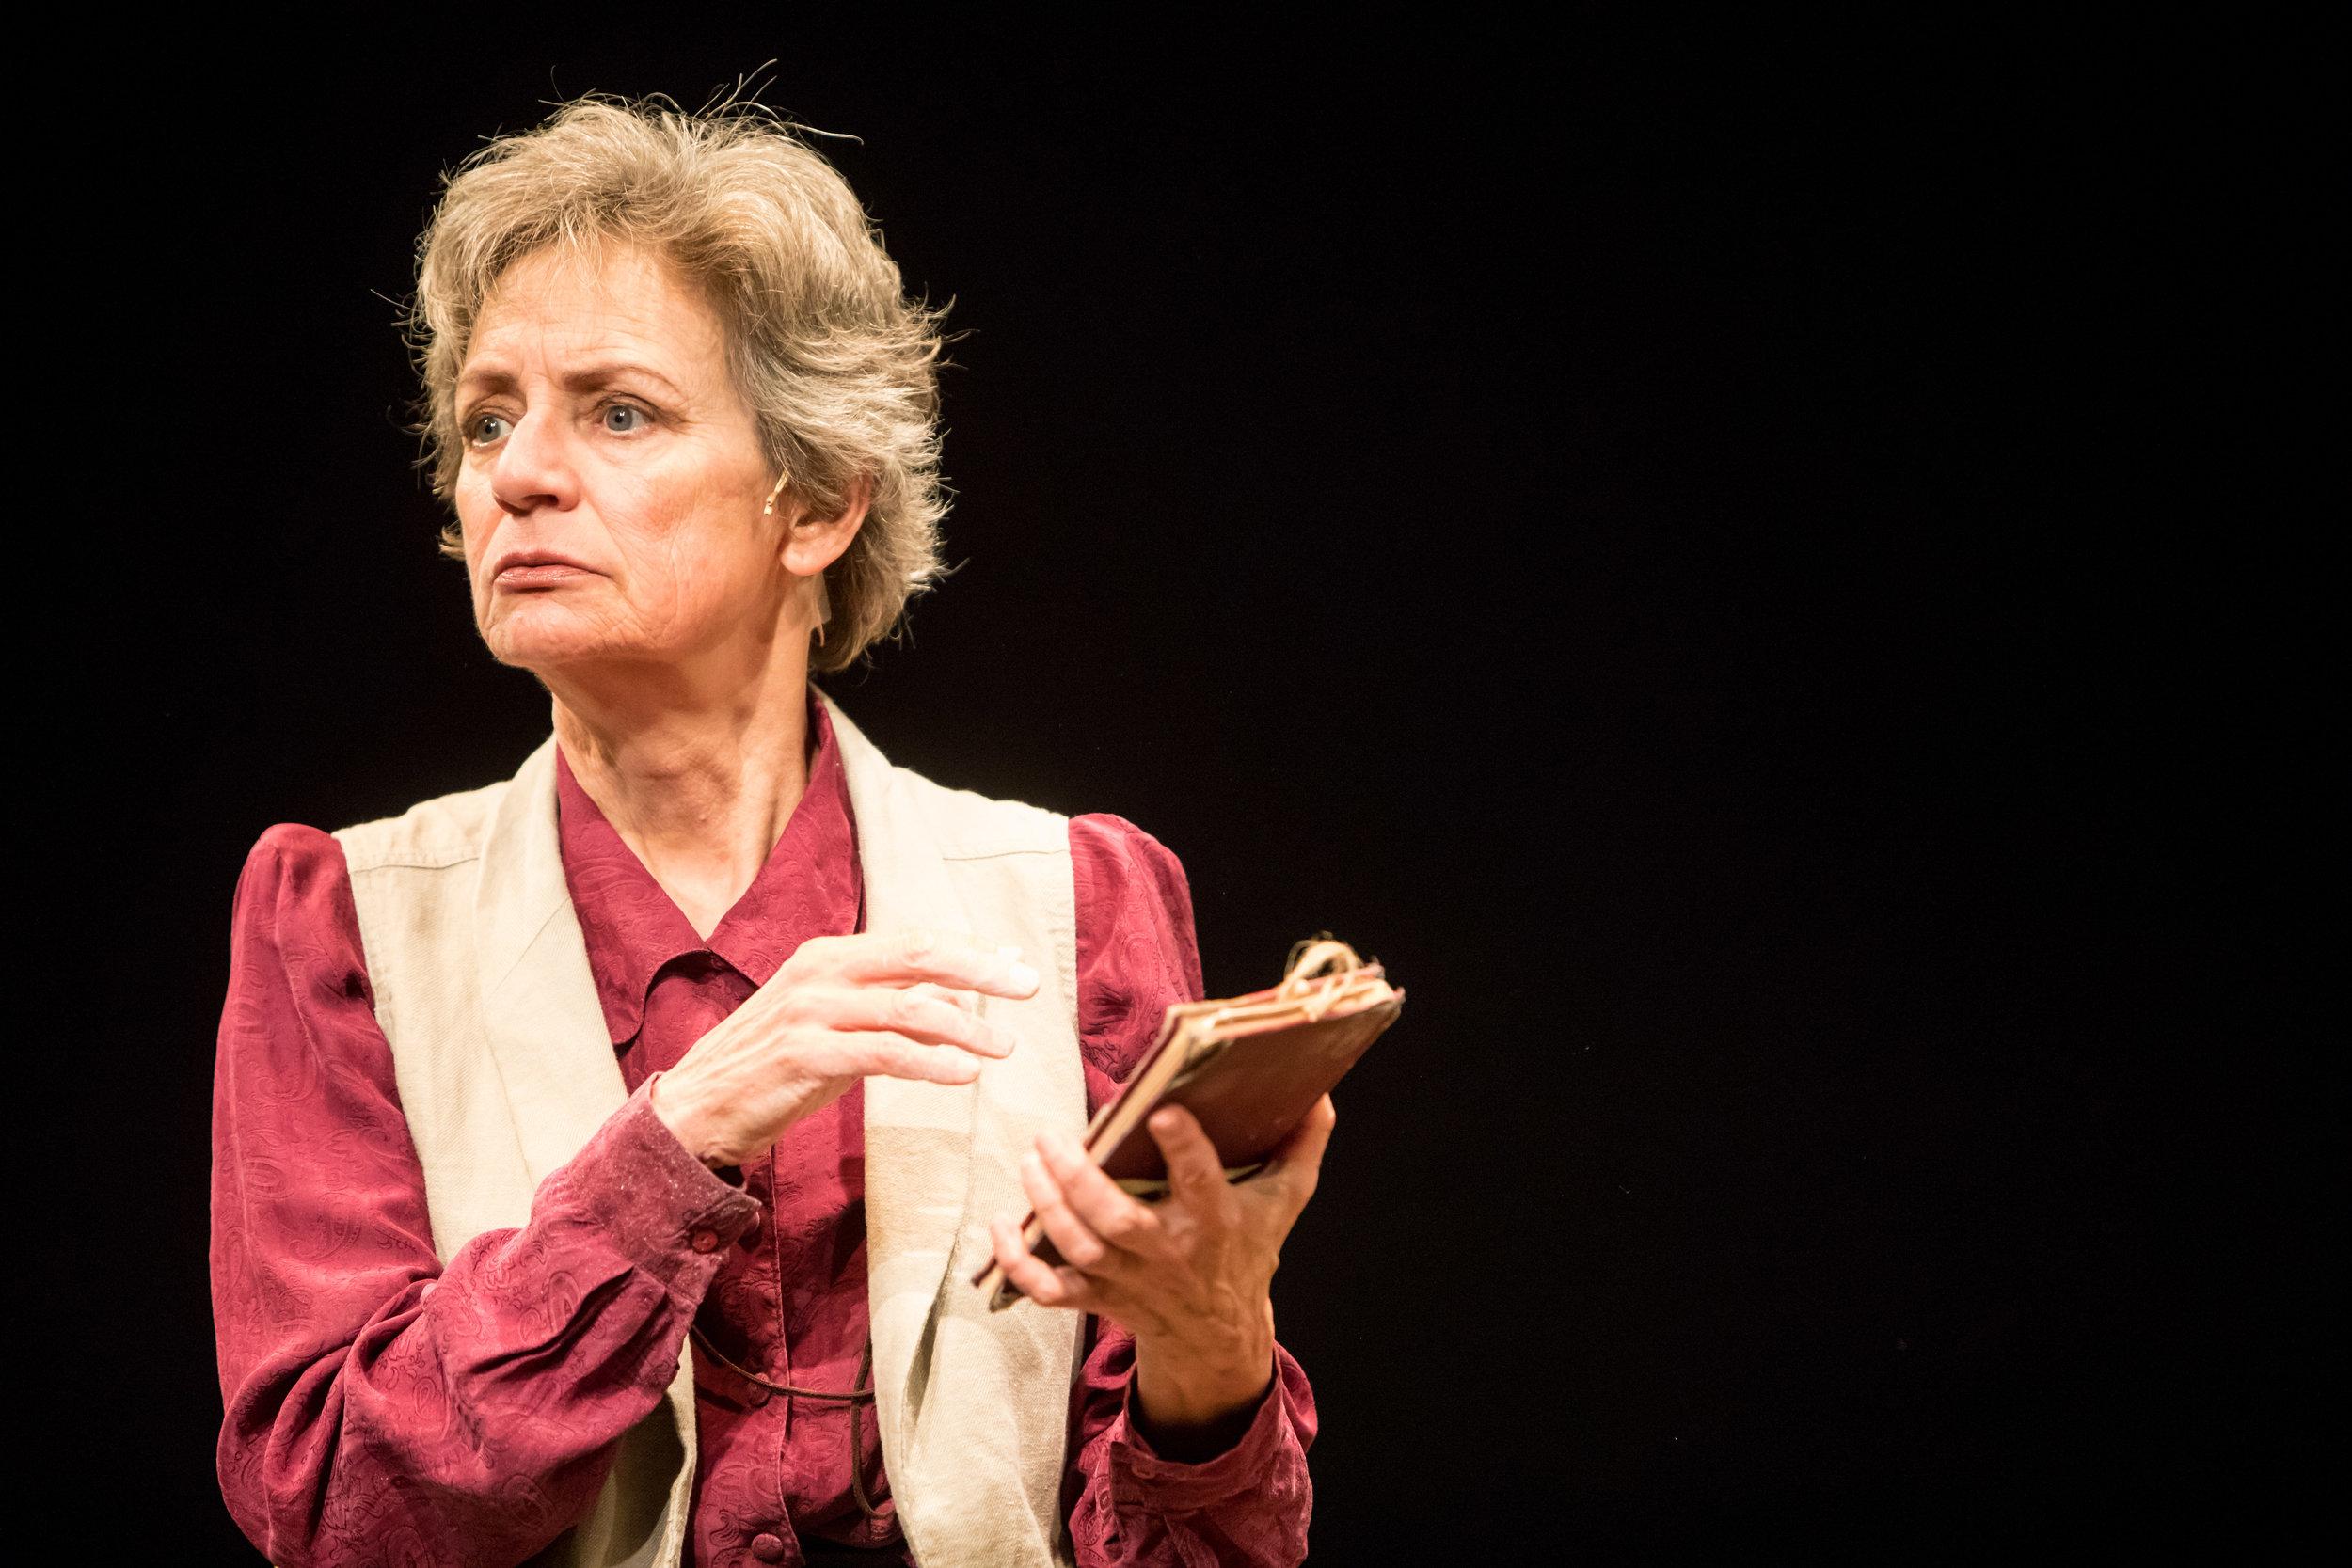 Sally Wingert, photo credit dan norman, 2018